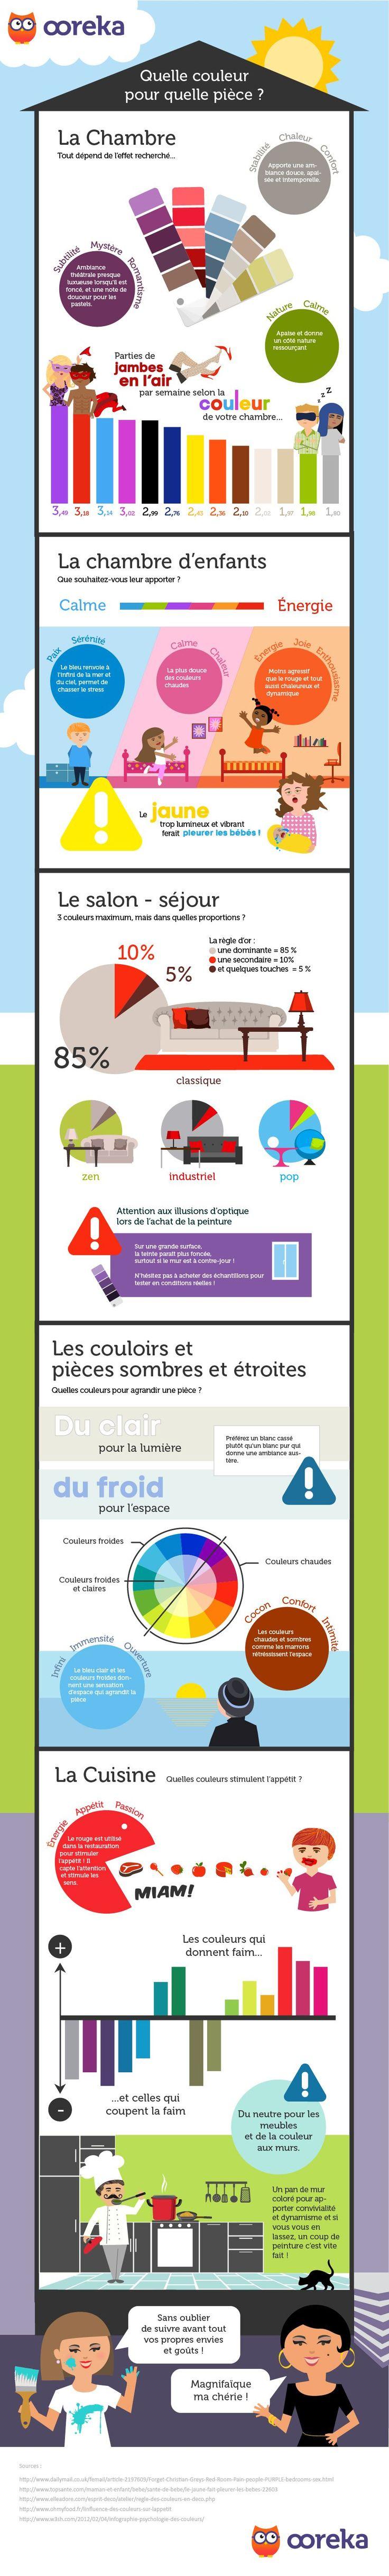 Infographie Ooreka - Quelles sont les couleurs à préférer et à éviter dans les pièces de votre home sweet home. Il existe des couleurs qui ouvrent l'appétit, d'autres qui agrandissent l'espace. Connaissez-vous la règle du 85, 10, 5. Retrouvez tout ce qu'il faut savoir avec notre infographie